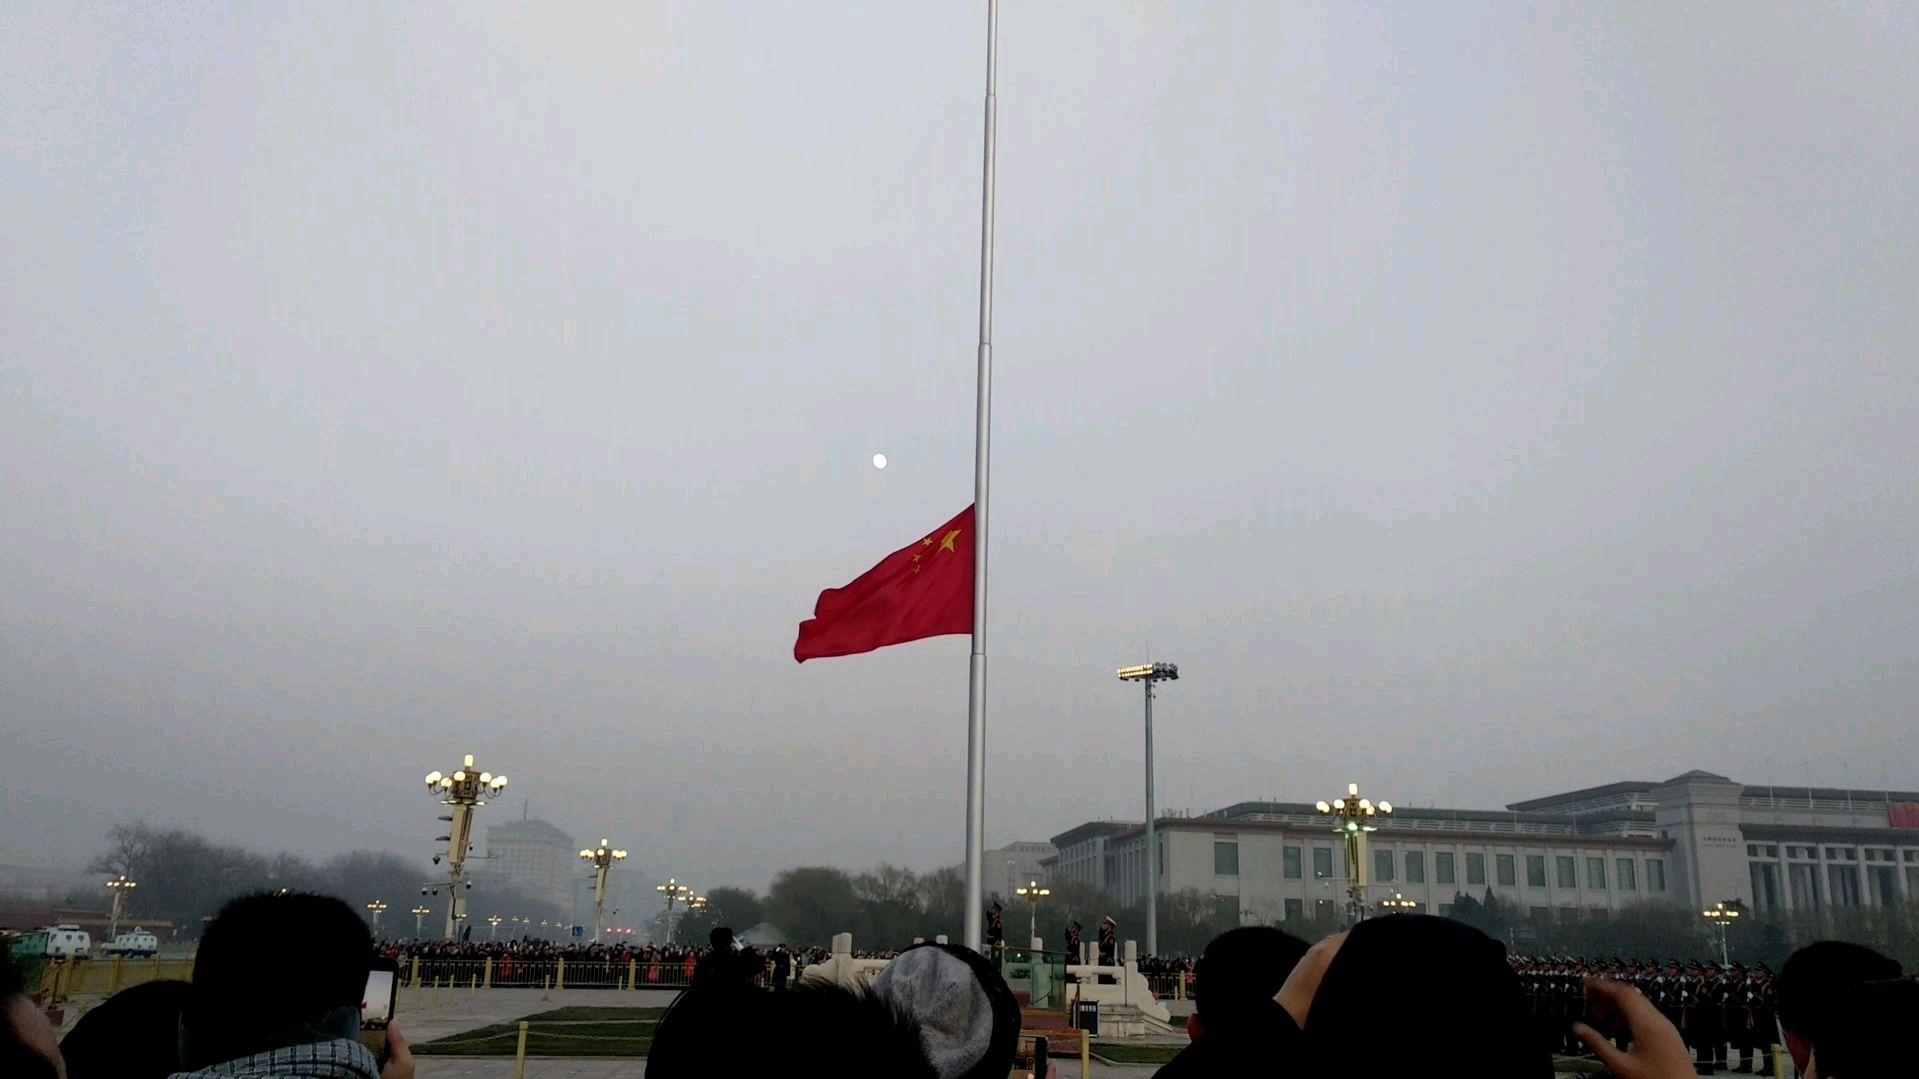 2019年12月11日16时49分,天安门广场降旗仪式,太震撼了!